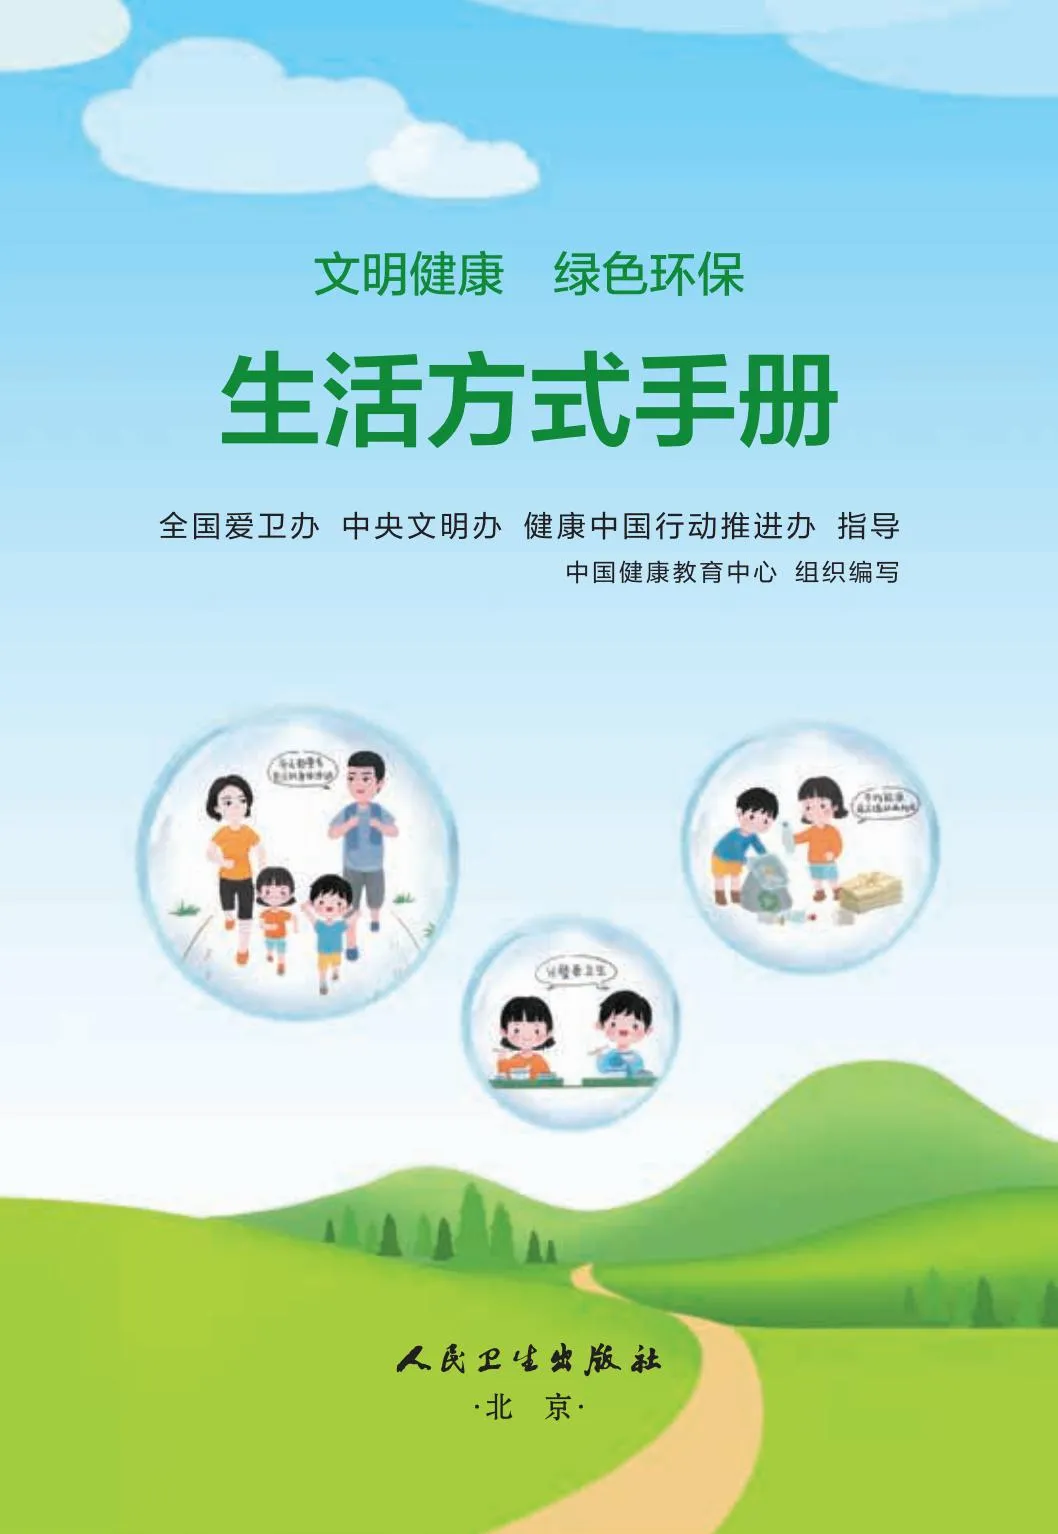 文明健康绿色环保生活方式手册(第四章重在环保)[新型冠状病毒科普知识] (476)